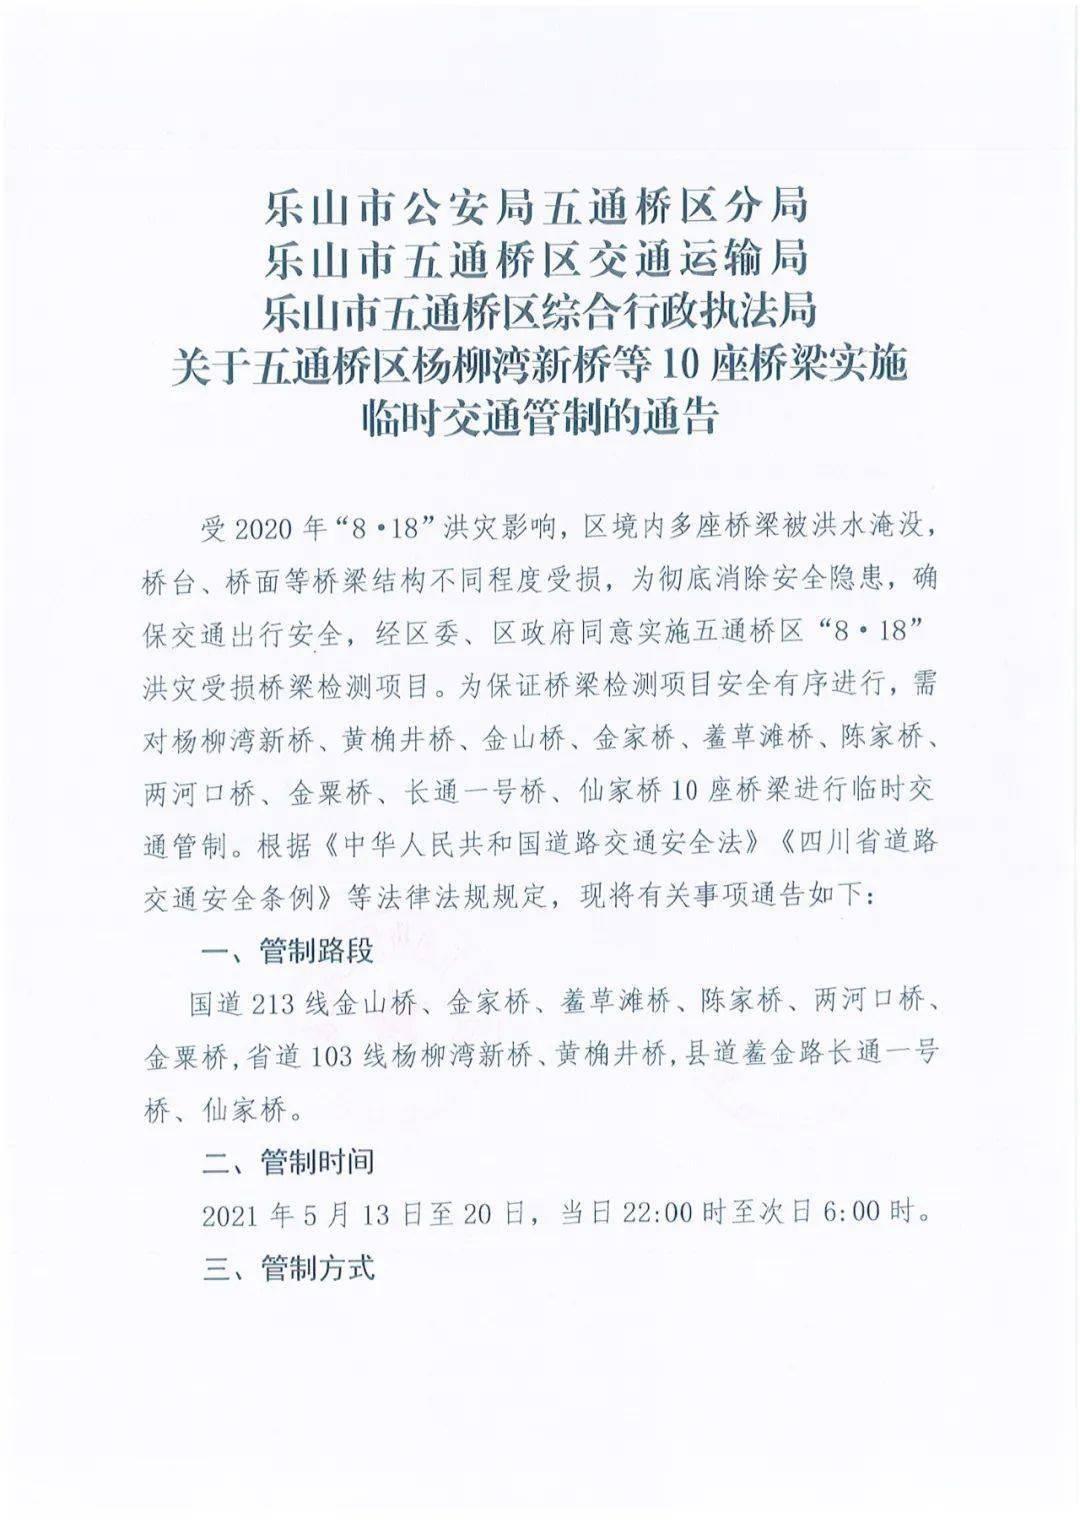 【四川交通】本周四起,乐山10座桥梁将实施交通管制!